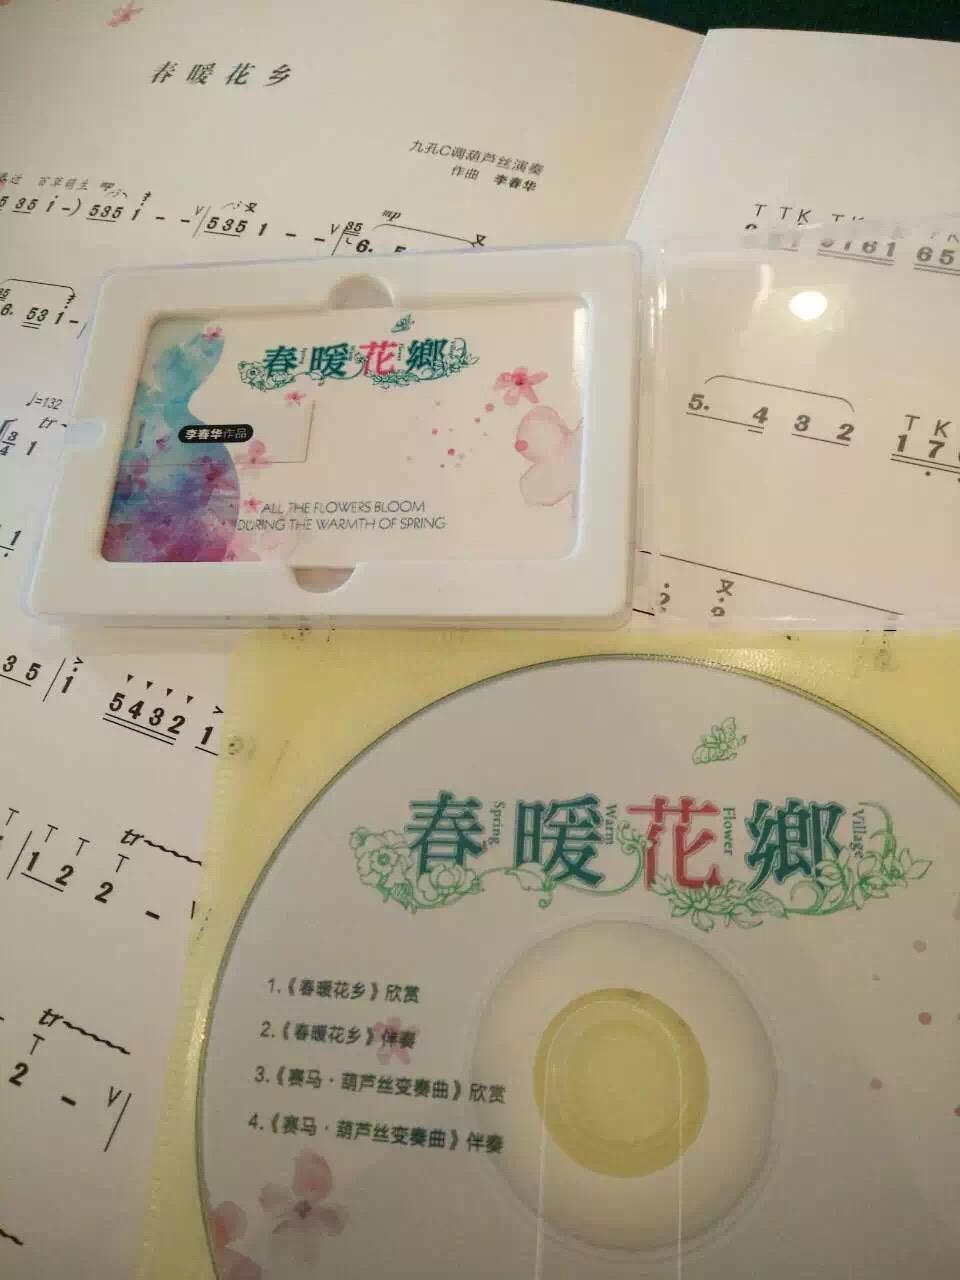 中国临沂李春华超七孔葫芦丝演奏艺术研习